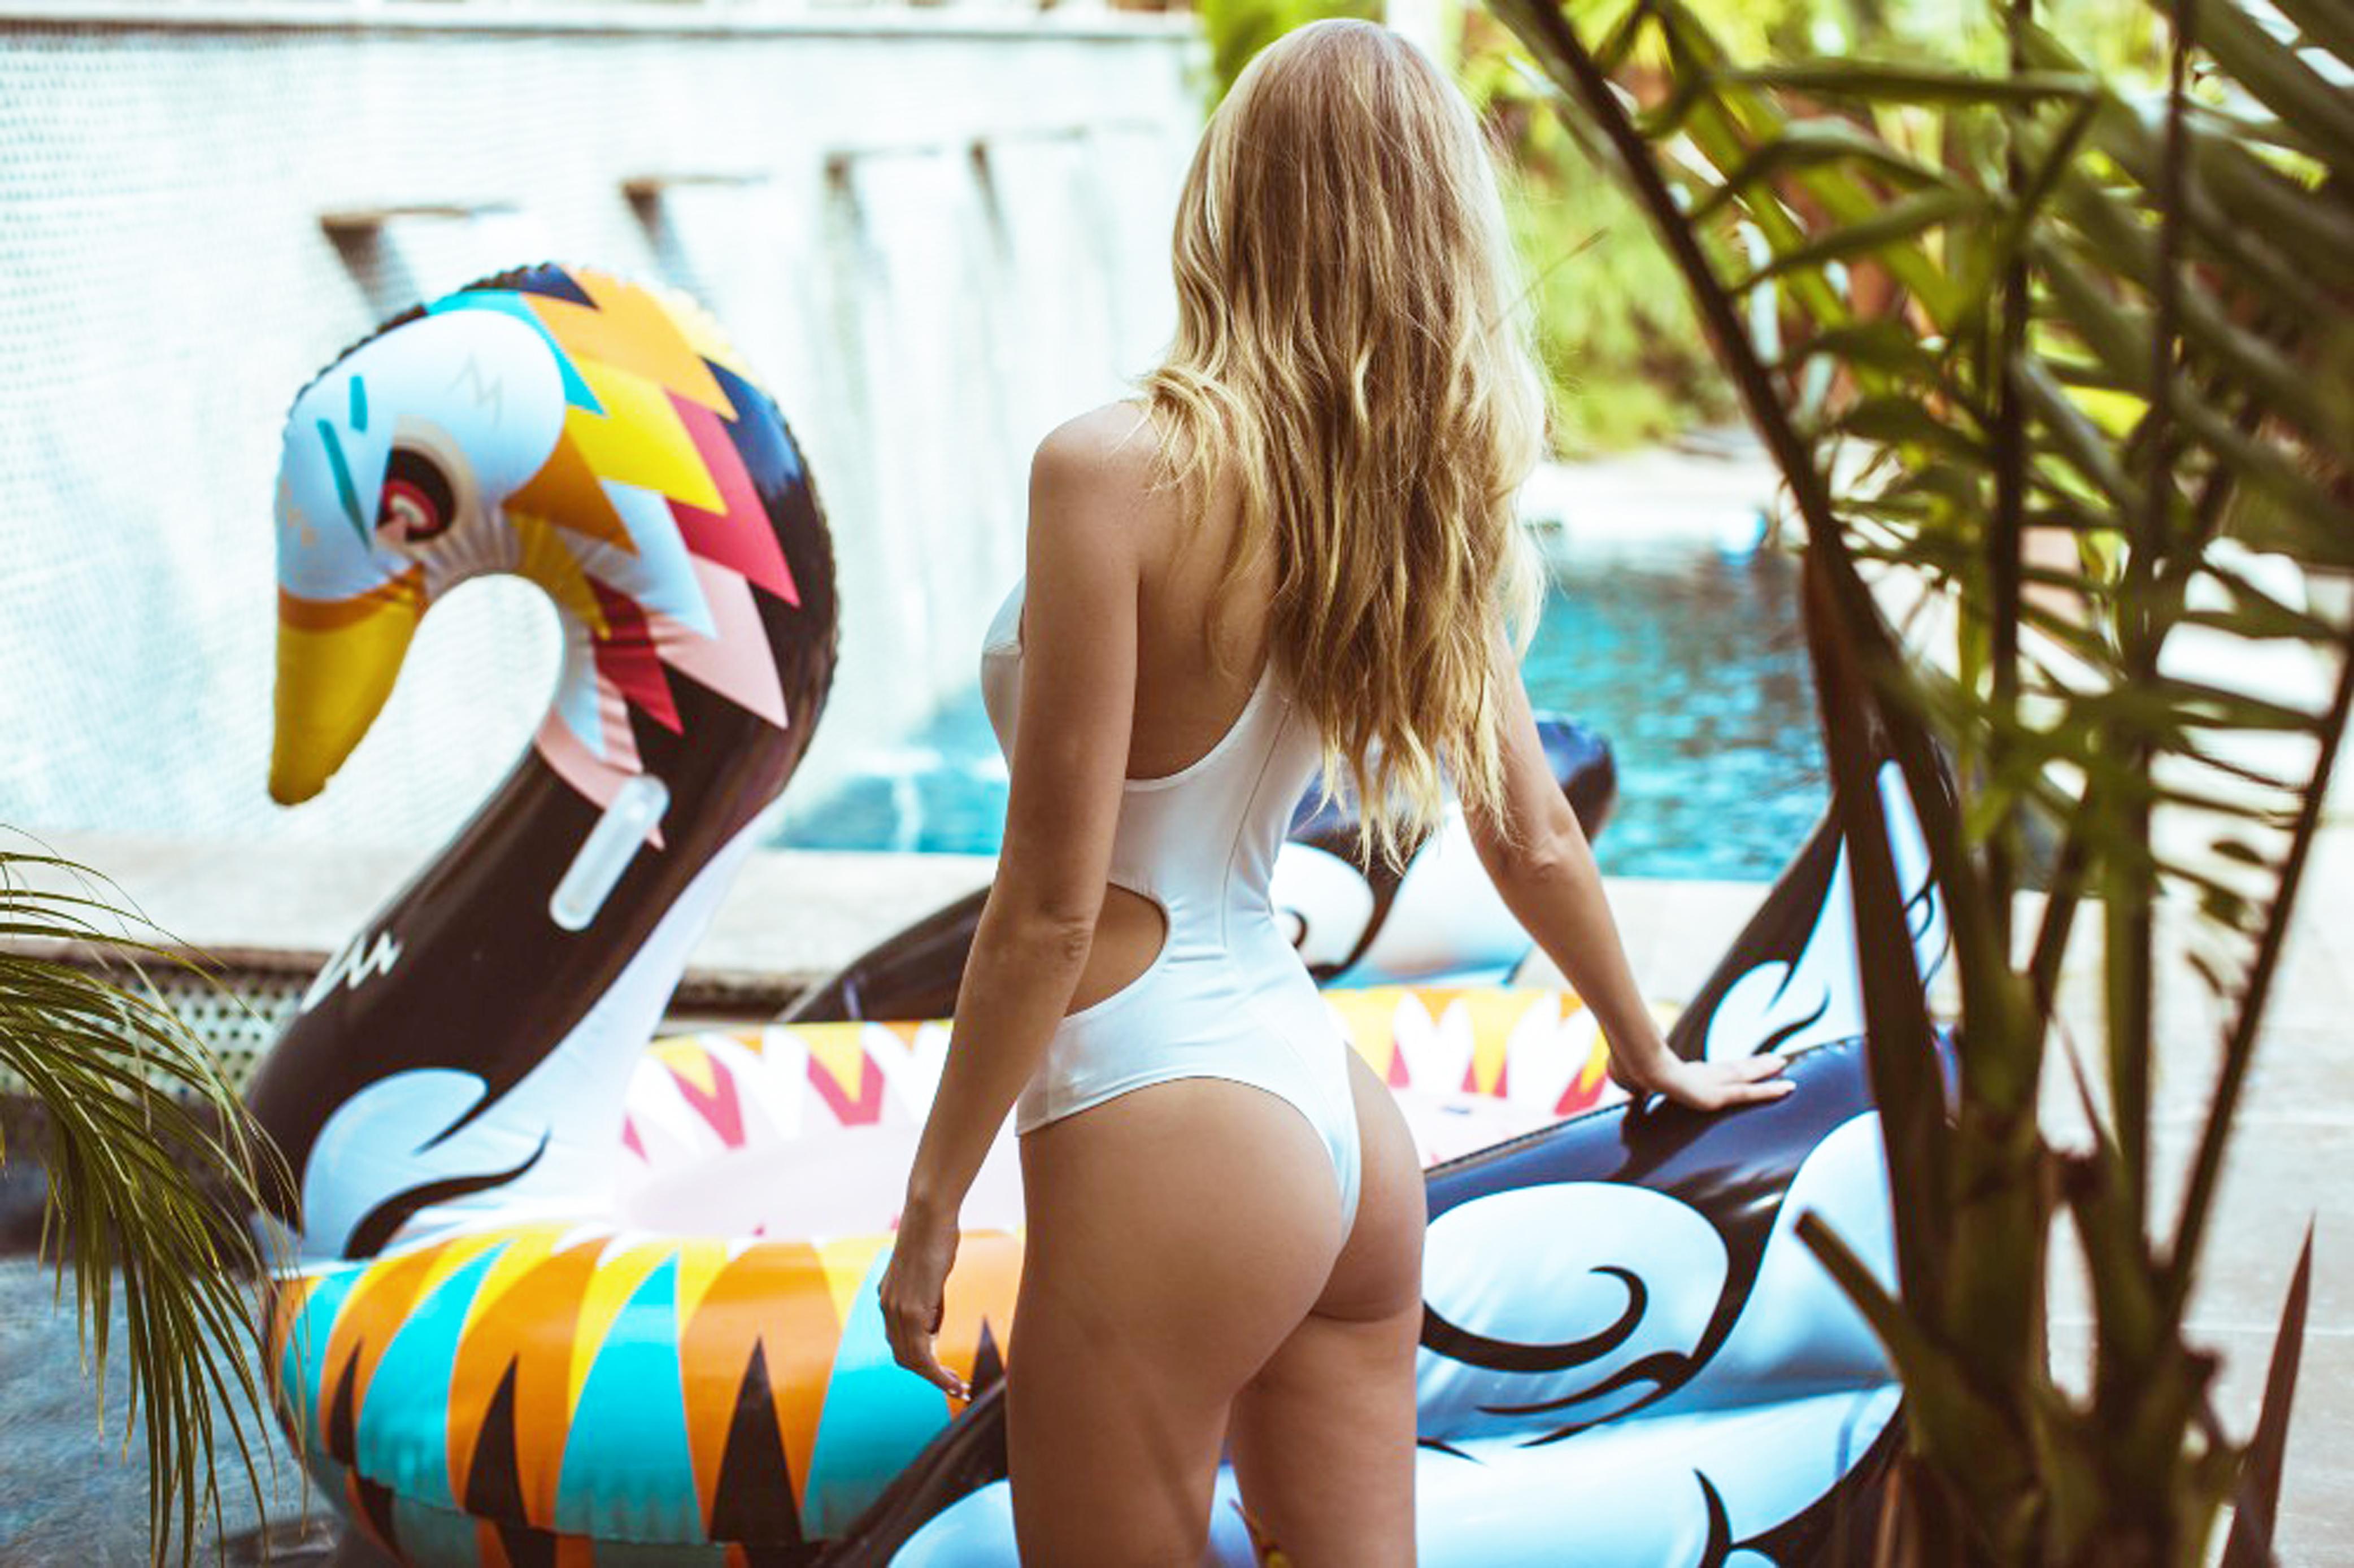 Bouée gonflable Cygne Design, fun, trendy, spécial pool party, bouée pour la piscine et la plage, matériel en PVC environnemental, taille XL, pour une ou deux personnes, couleur Multicolore, le meilleur des bouées pour l'été!